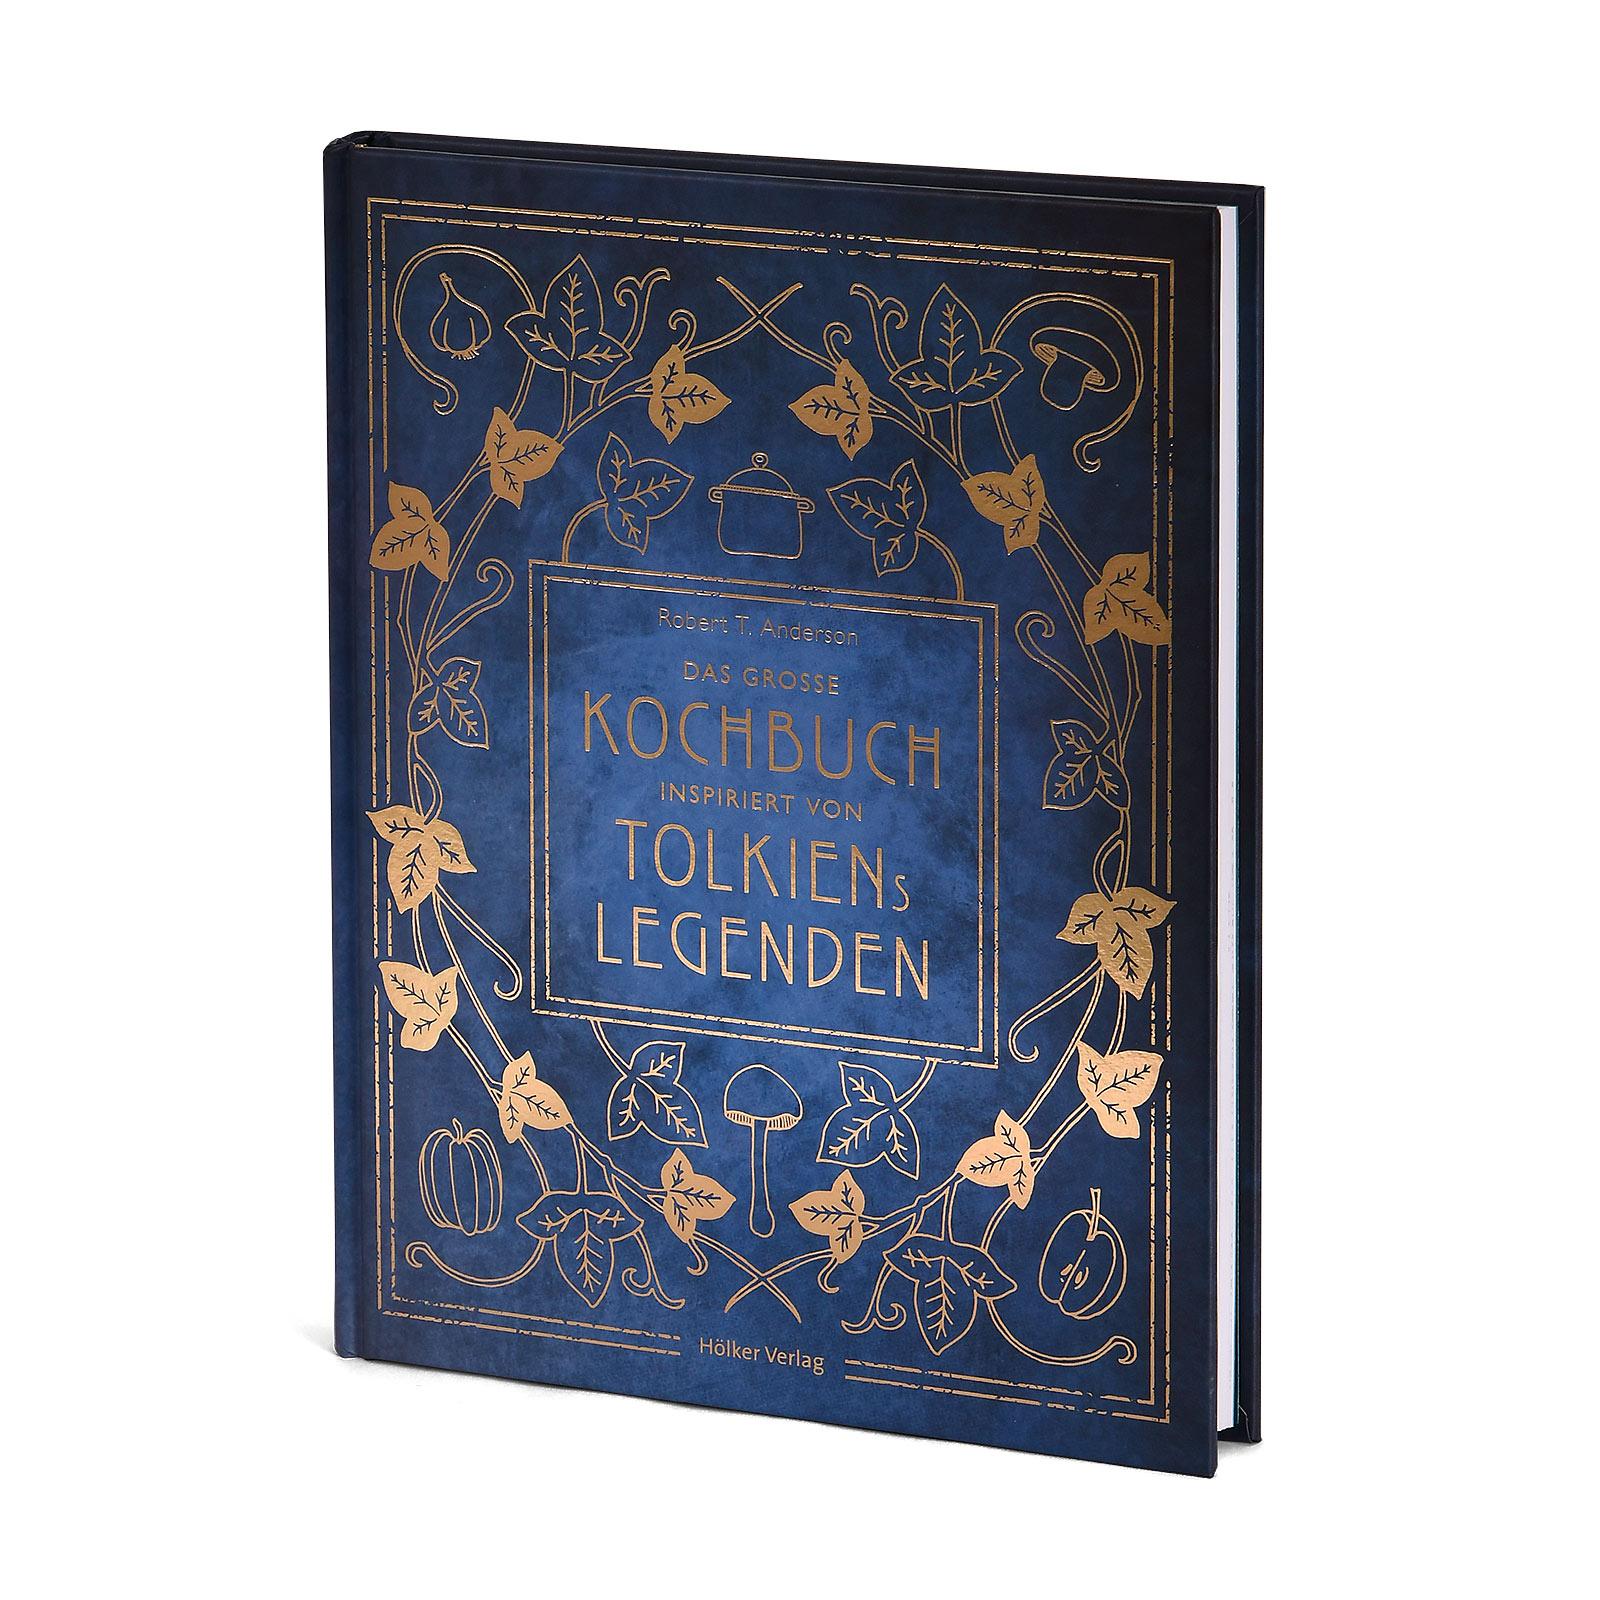 Das große Kochbuch inspiriert von Tolkiens Legenden